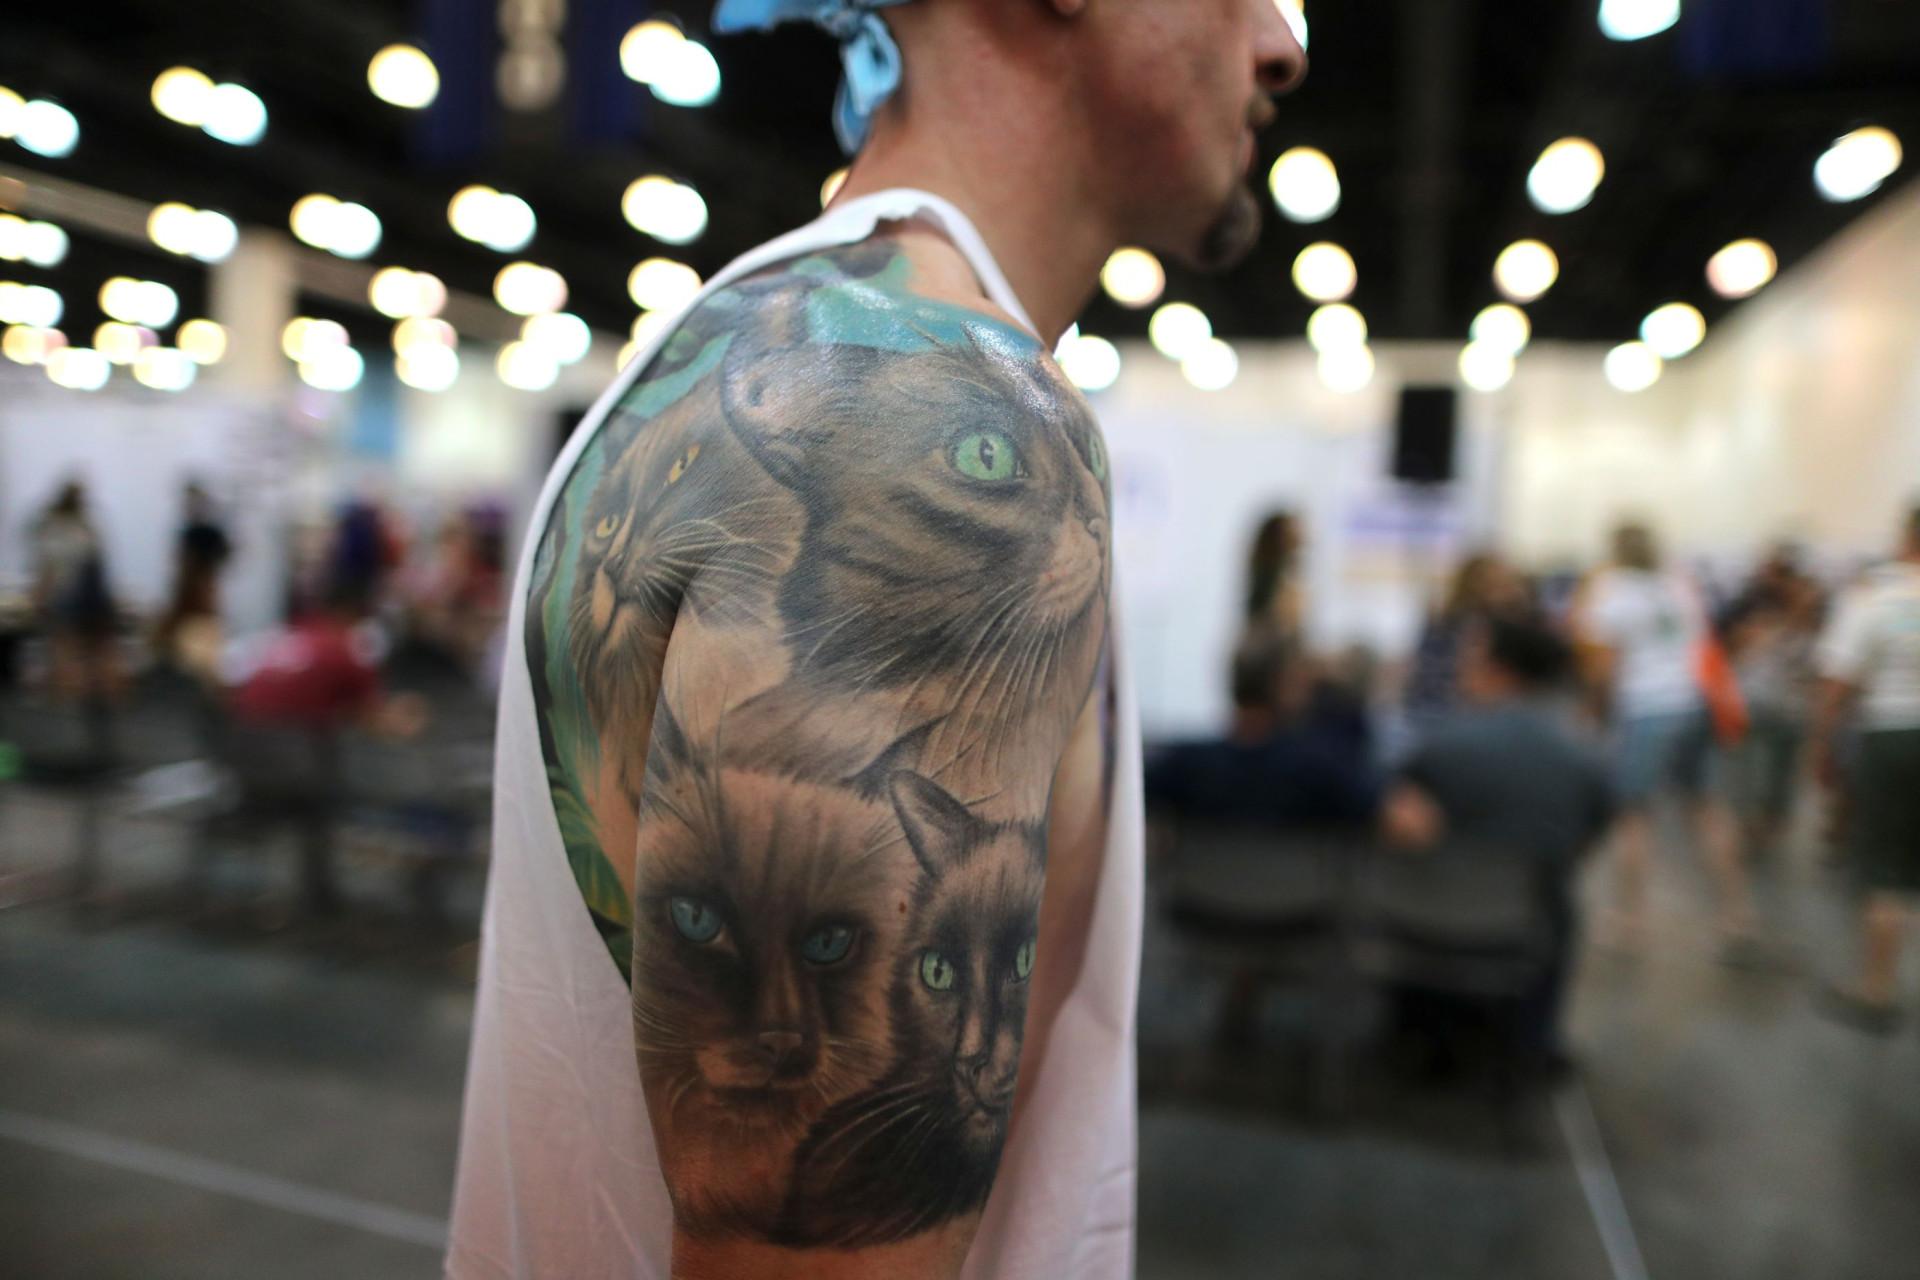 Fãs de gatos, coisas para gatos e gatos. Depois da Comic-Con, a CatCon